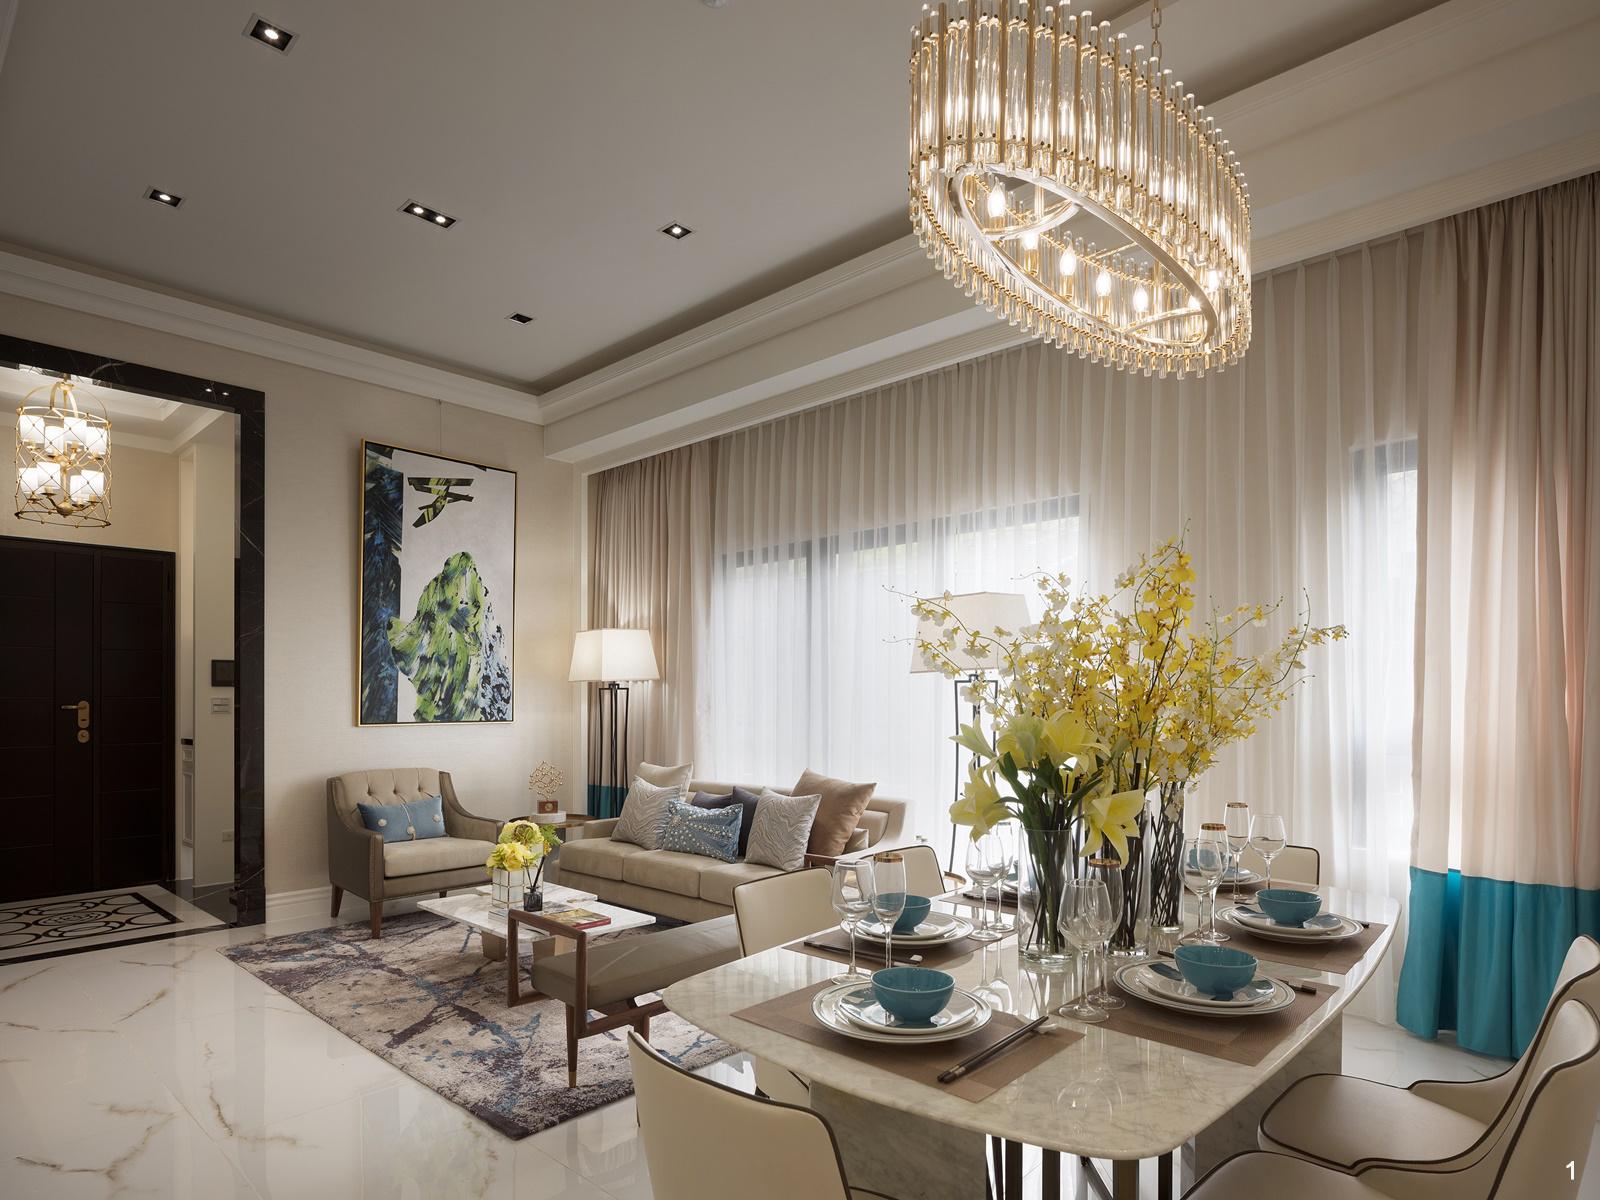 1. 明亮清爽、優雅而休閒的時尚新古典風格,充分彰顯屋主獨到眼光。